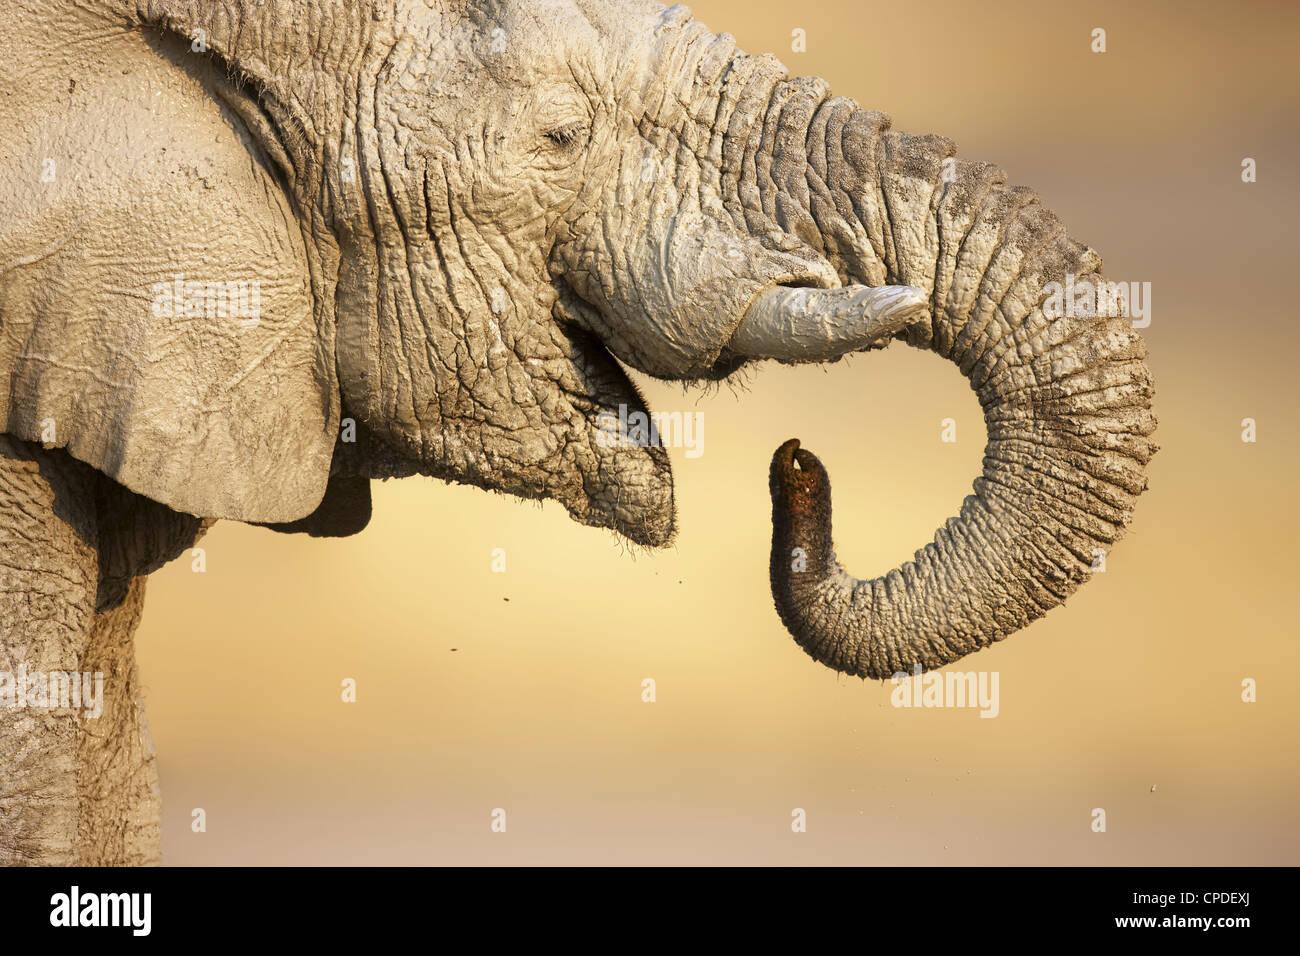 Vue rapprochée d'un éléphant boueux de l'eau potable dans le parc d'Etosha Photo Stock